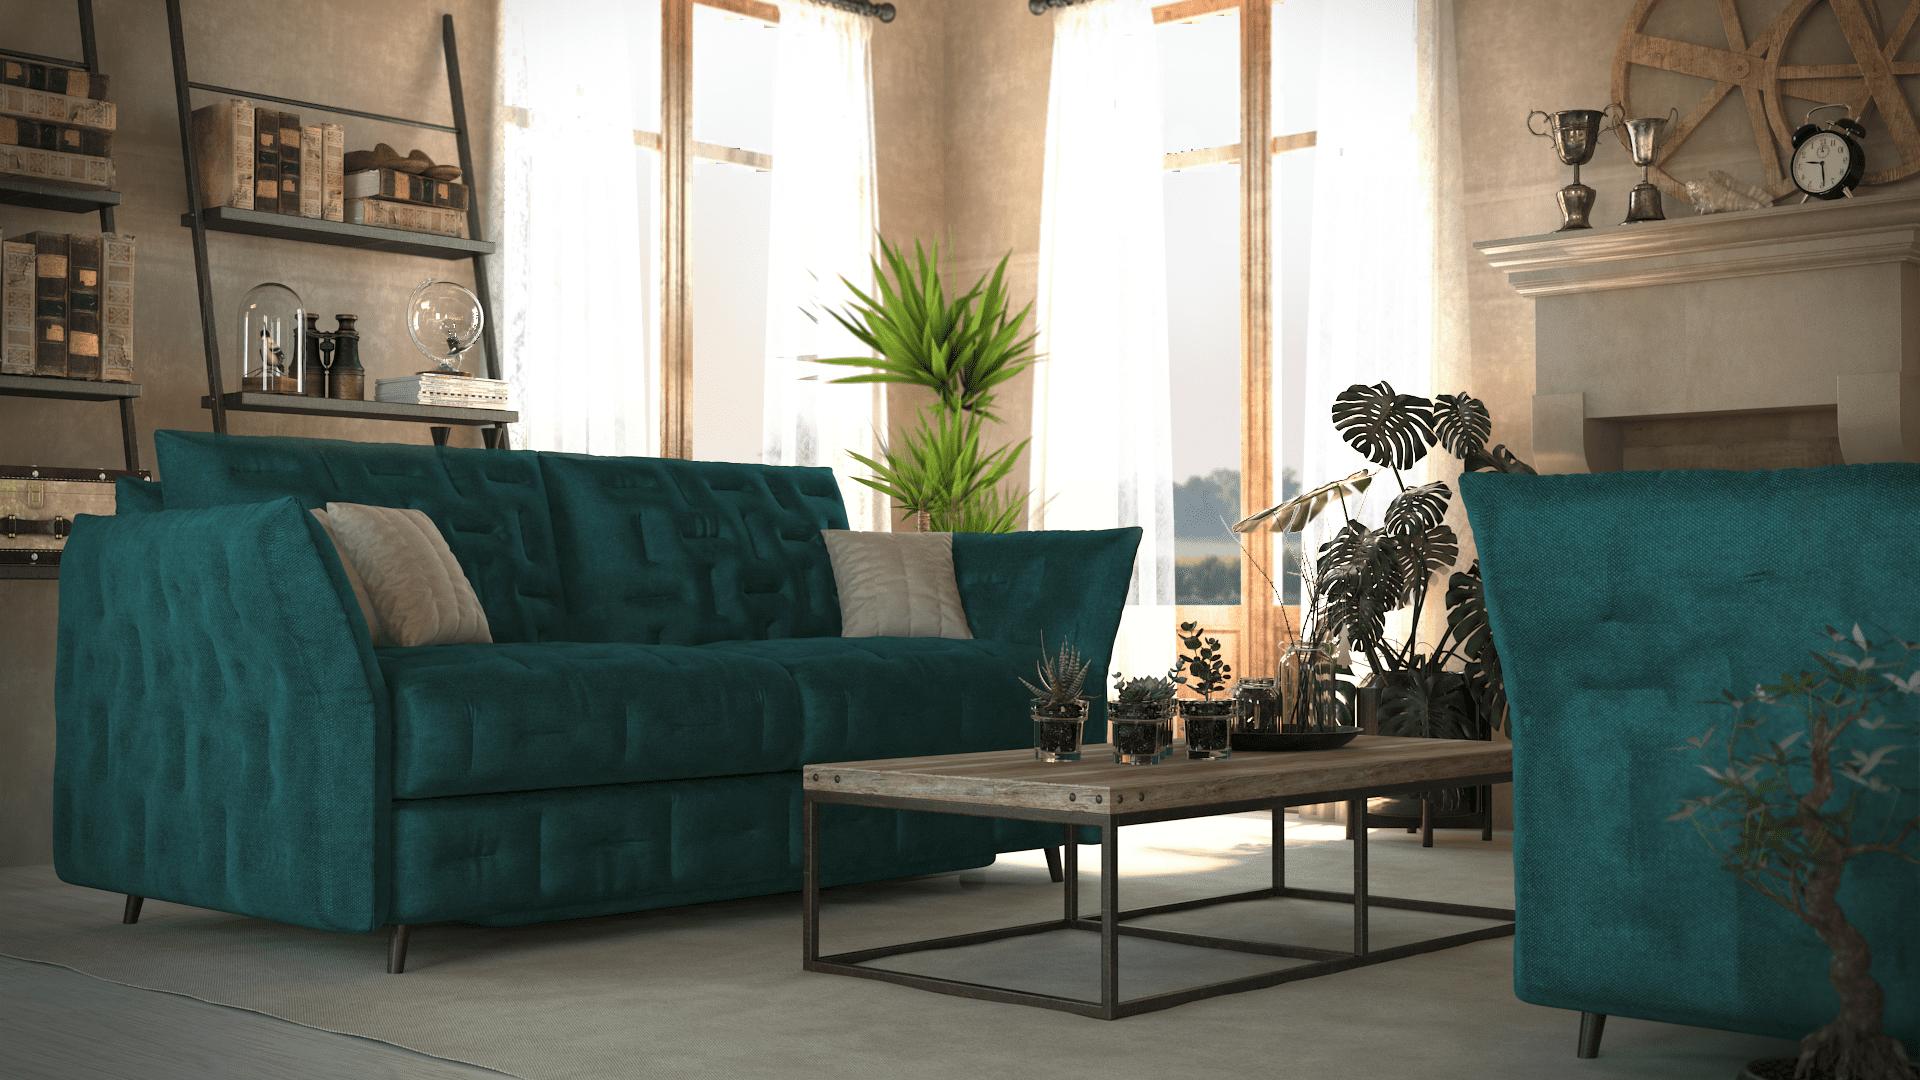 brenna salotti milano divano letto soft 13